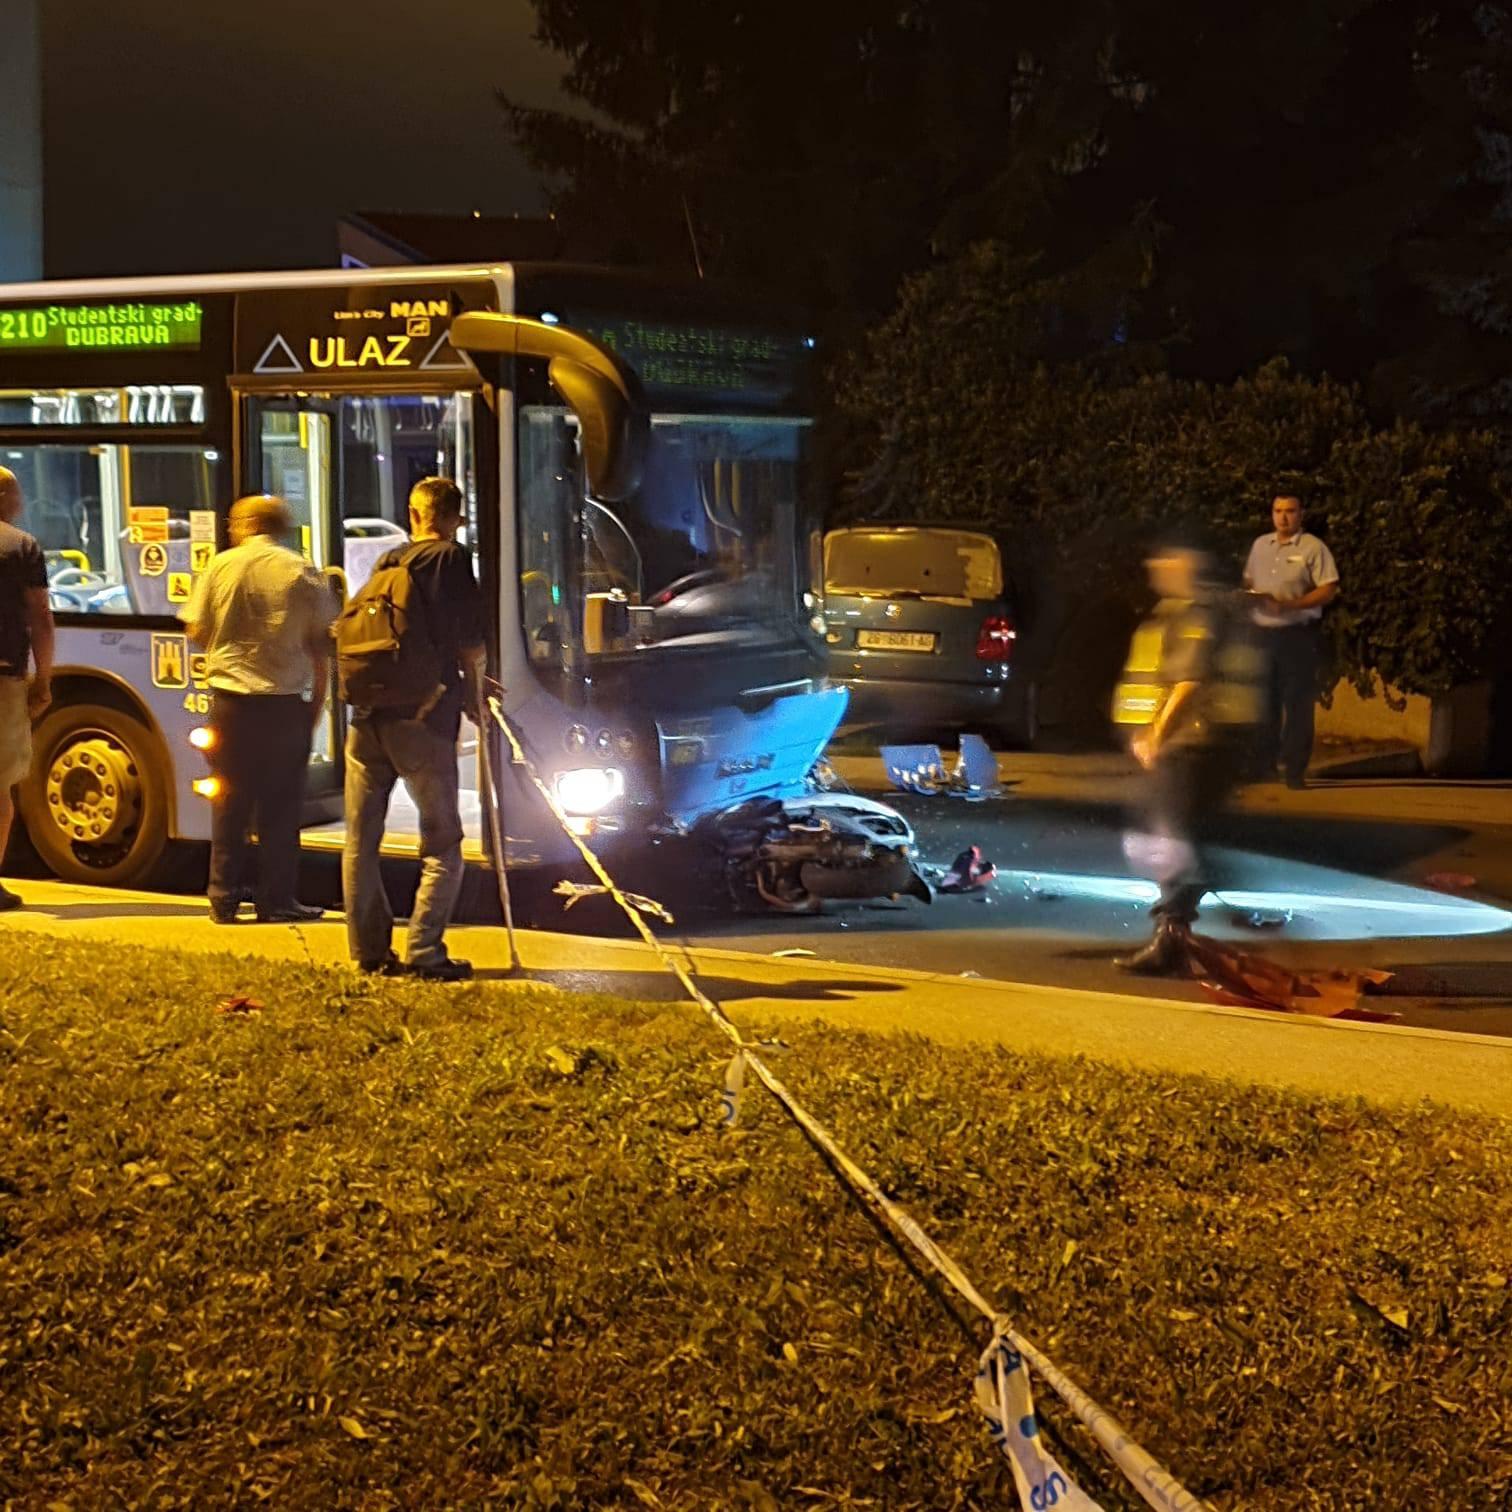 'Oko ponoći su mi javili da mi je brat naletio na autobus. Nije imao kacigu. Operirali su ga'